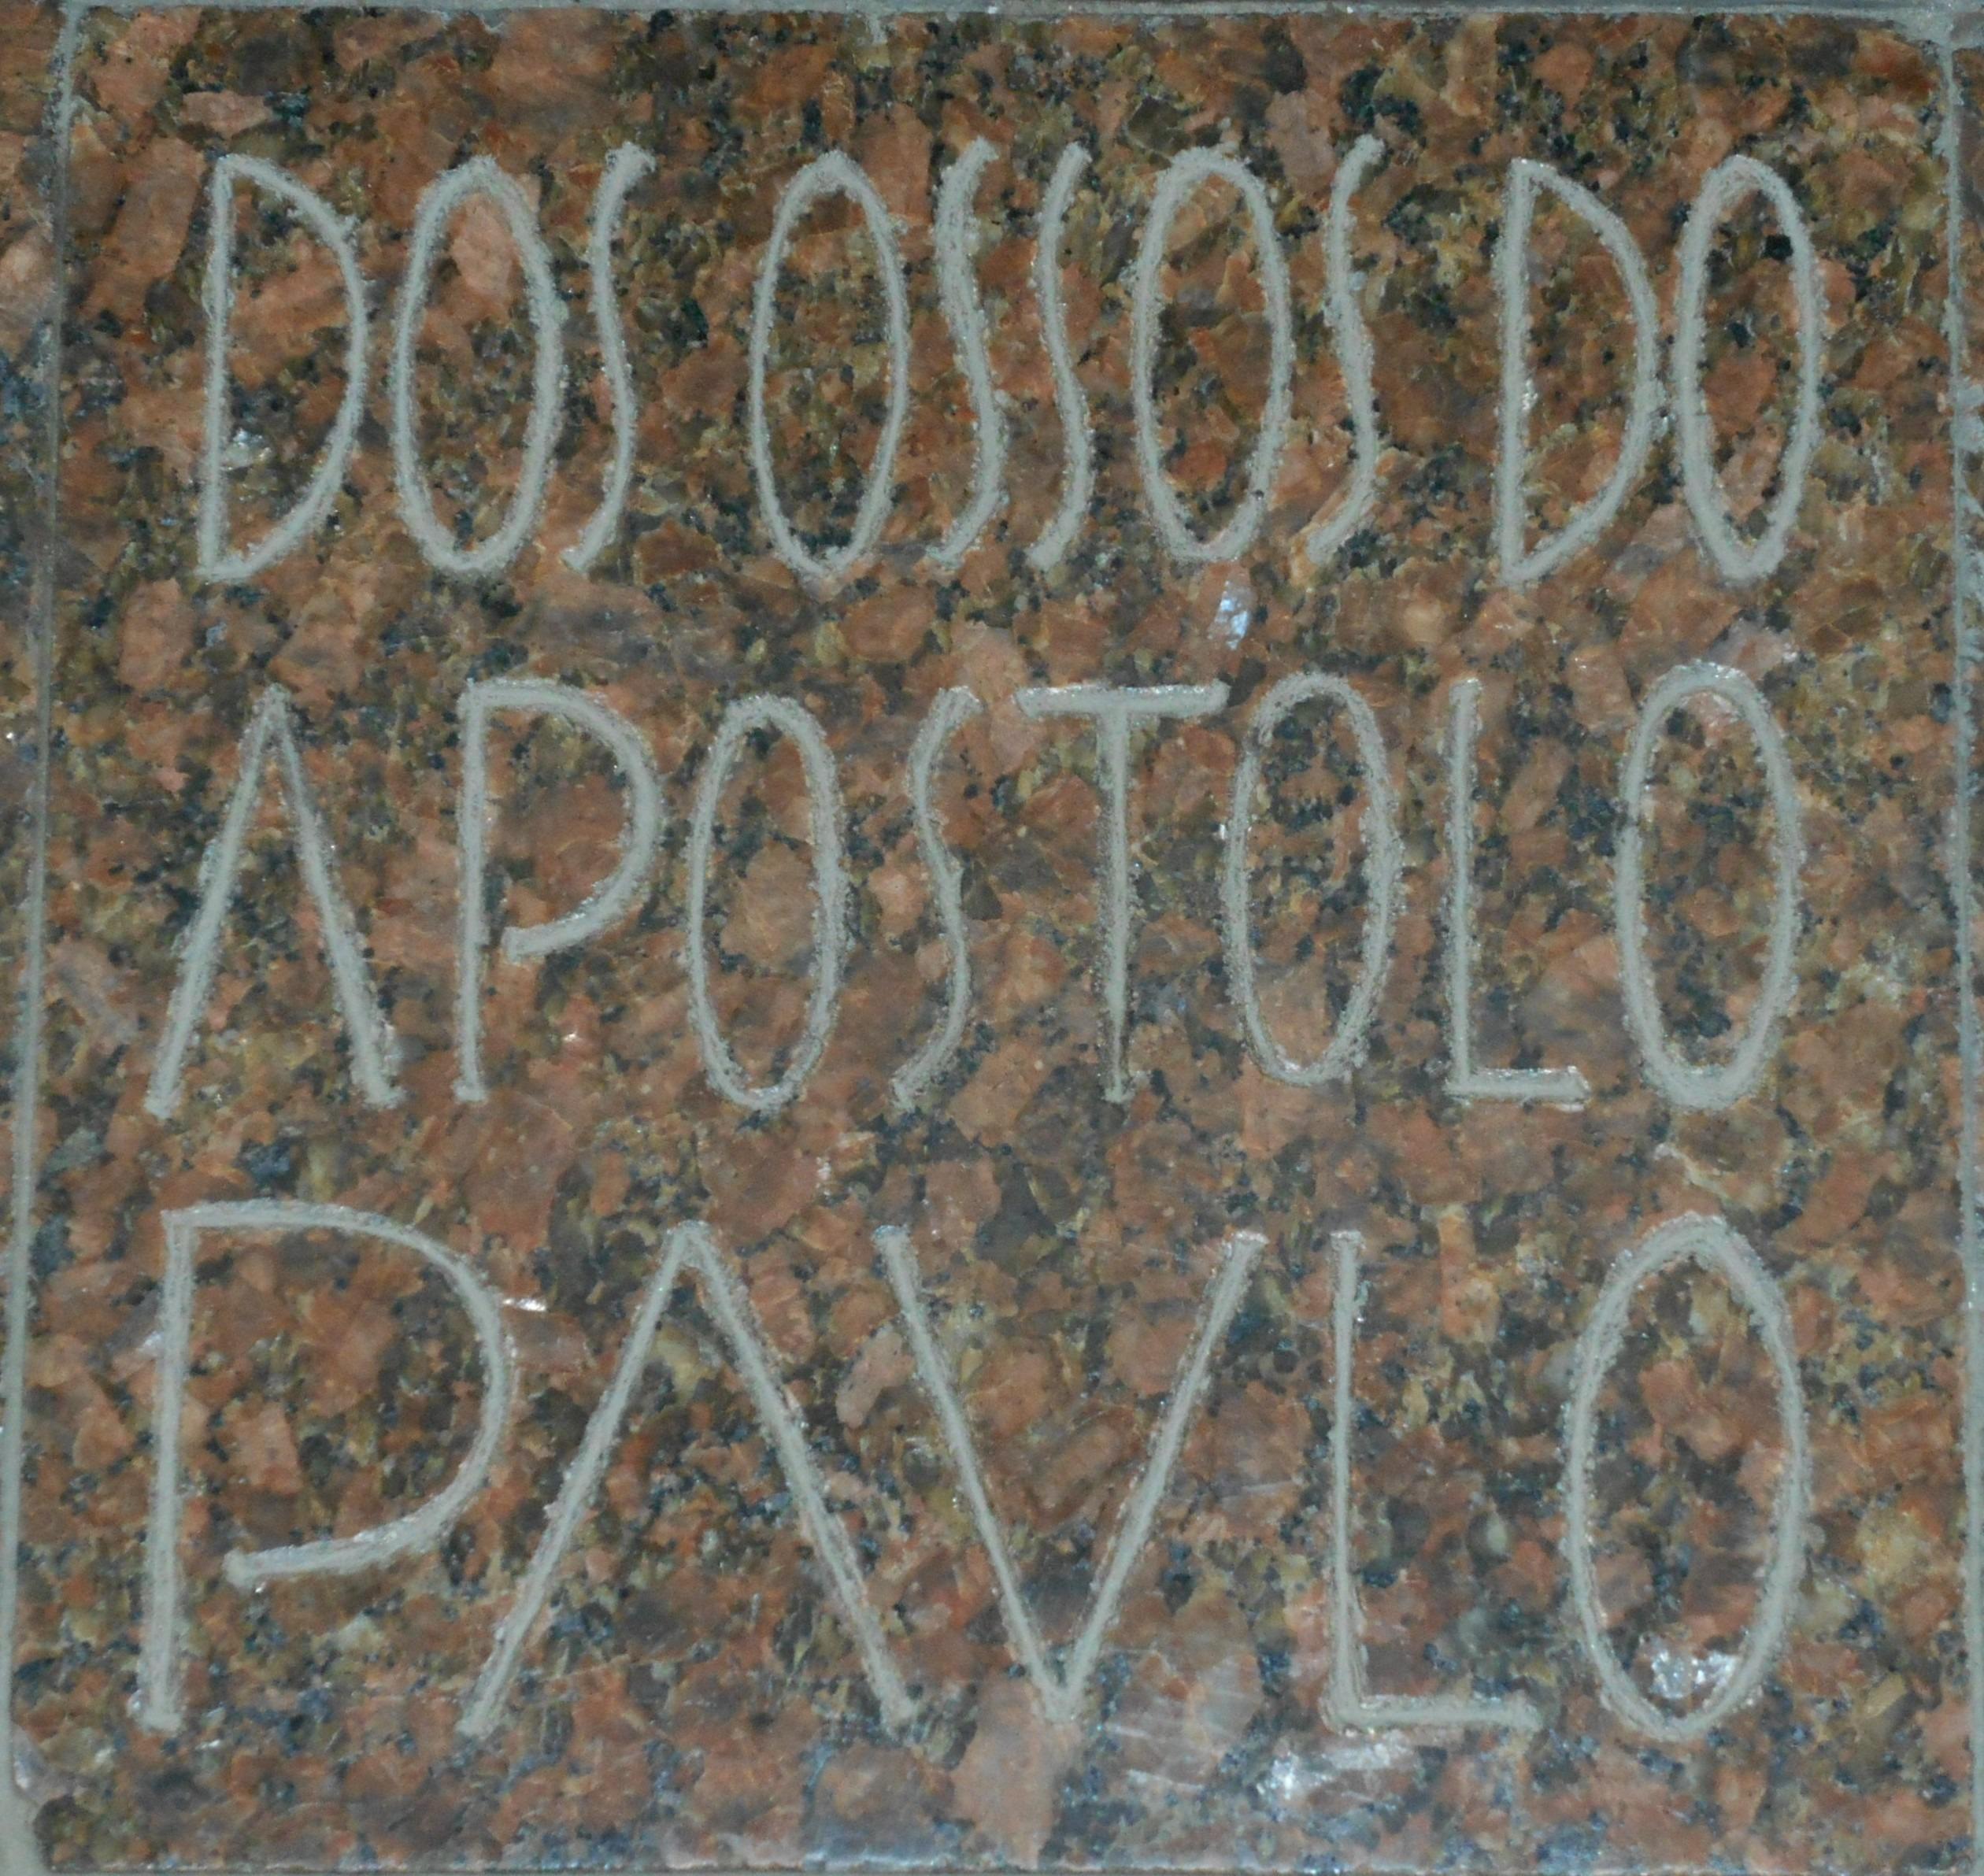 Relíquia de São Paulo Apóstolo na Igreja do Mosteiro da Virgem